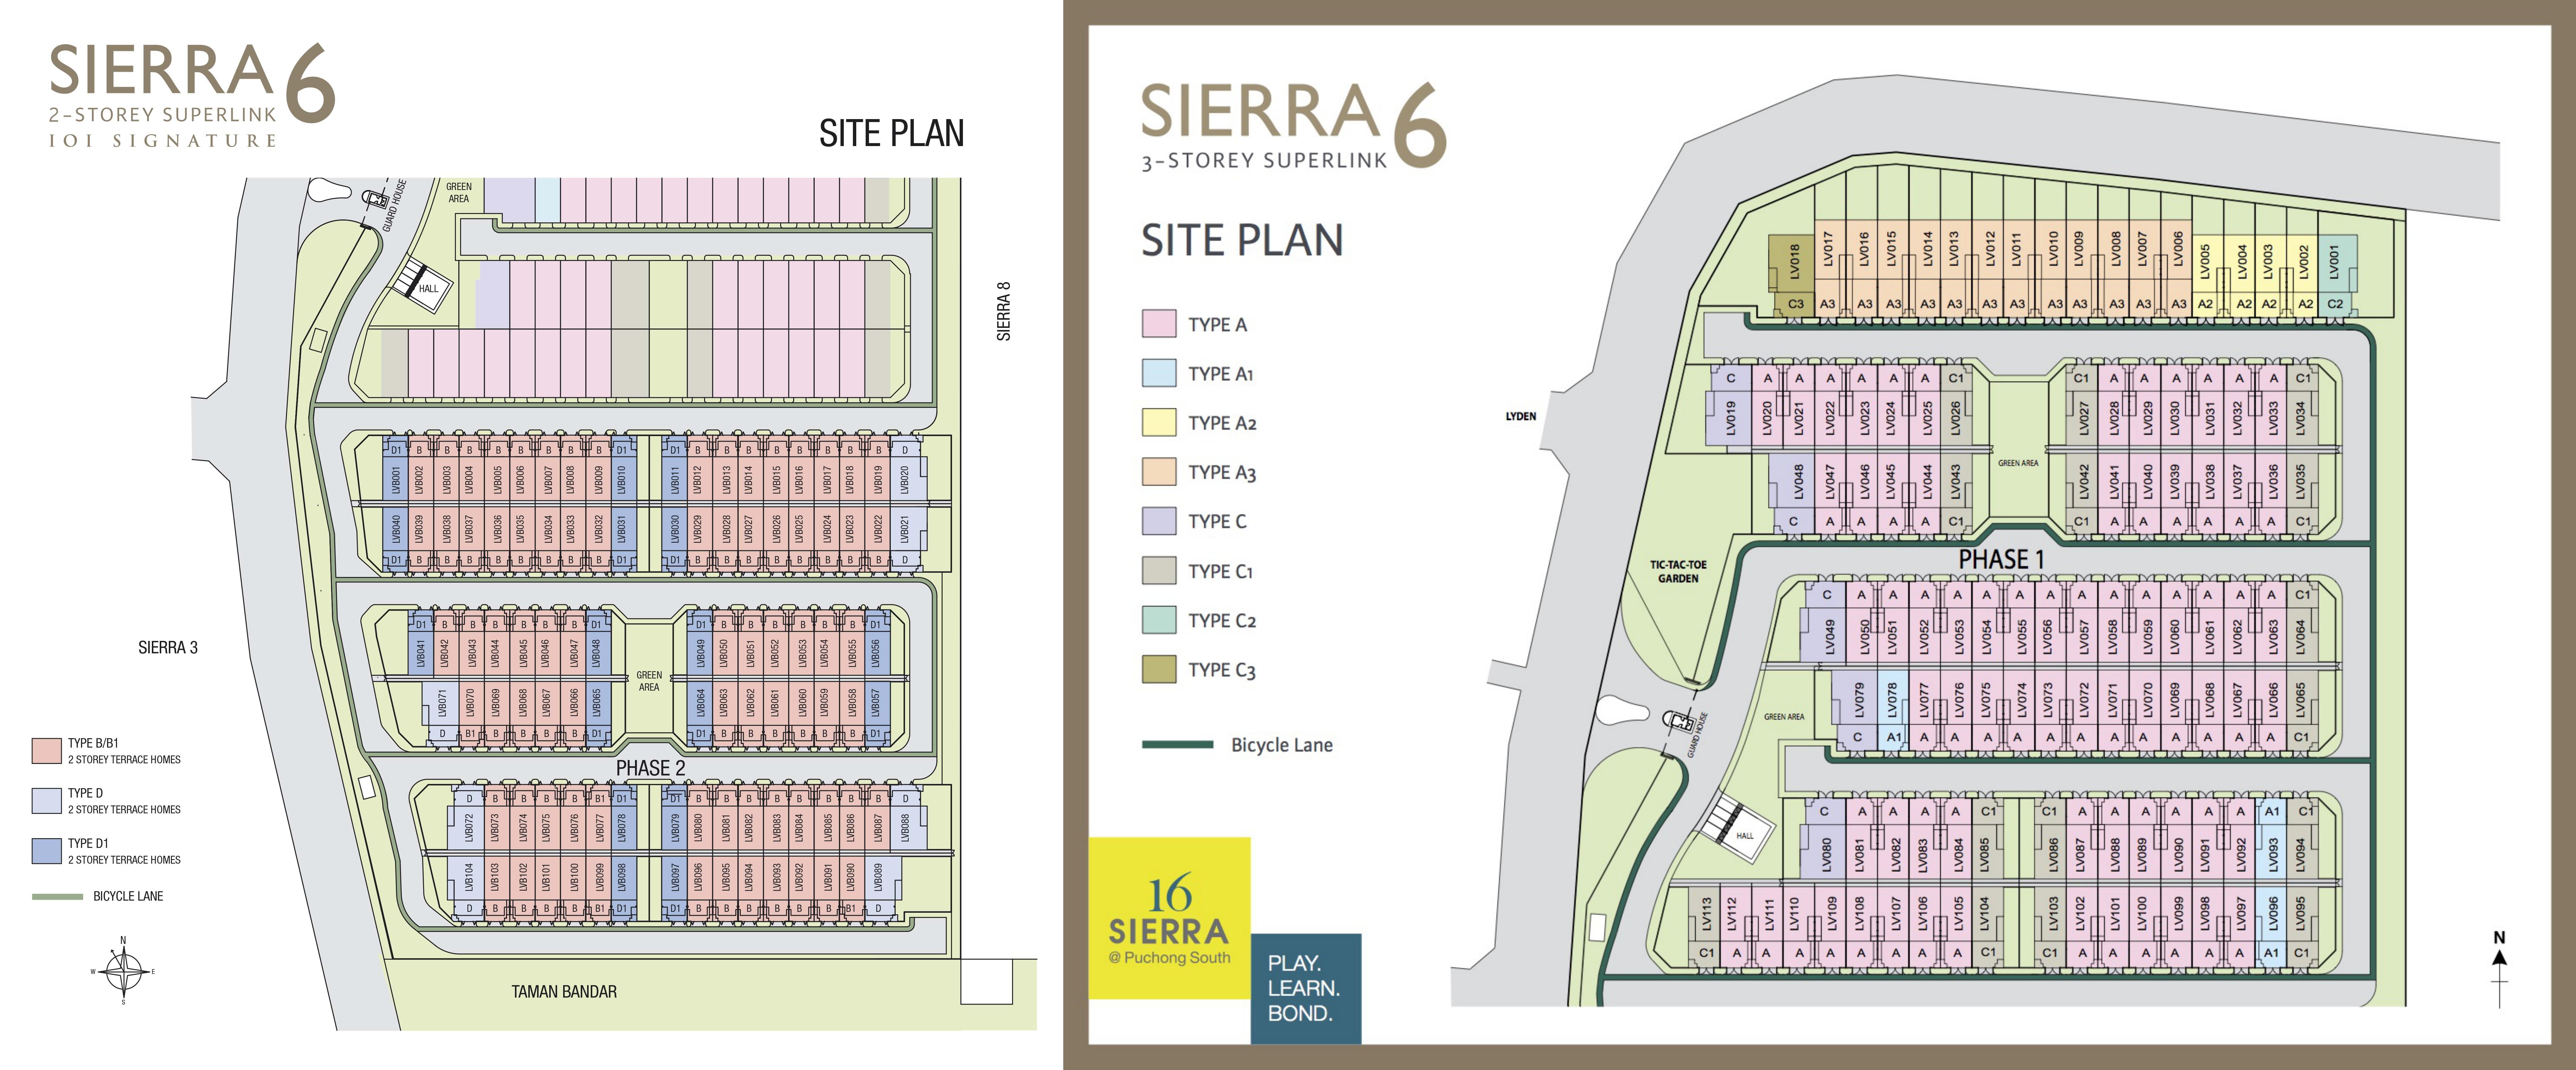 Site Plan of Sierra 6